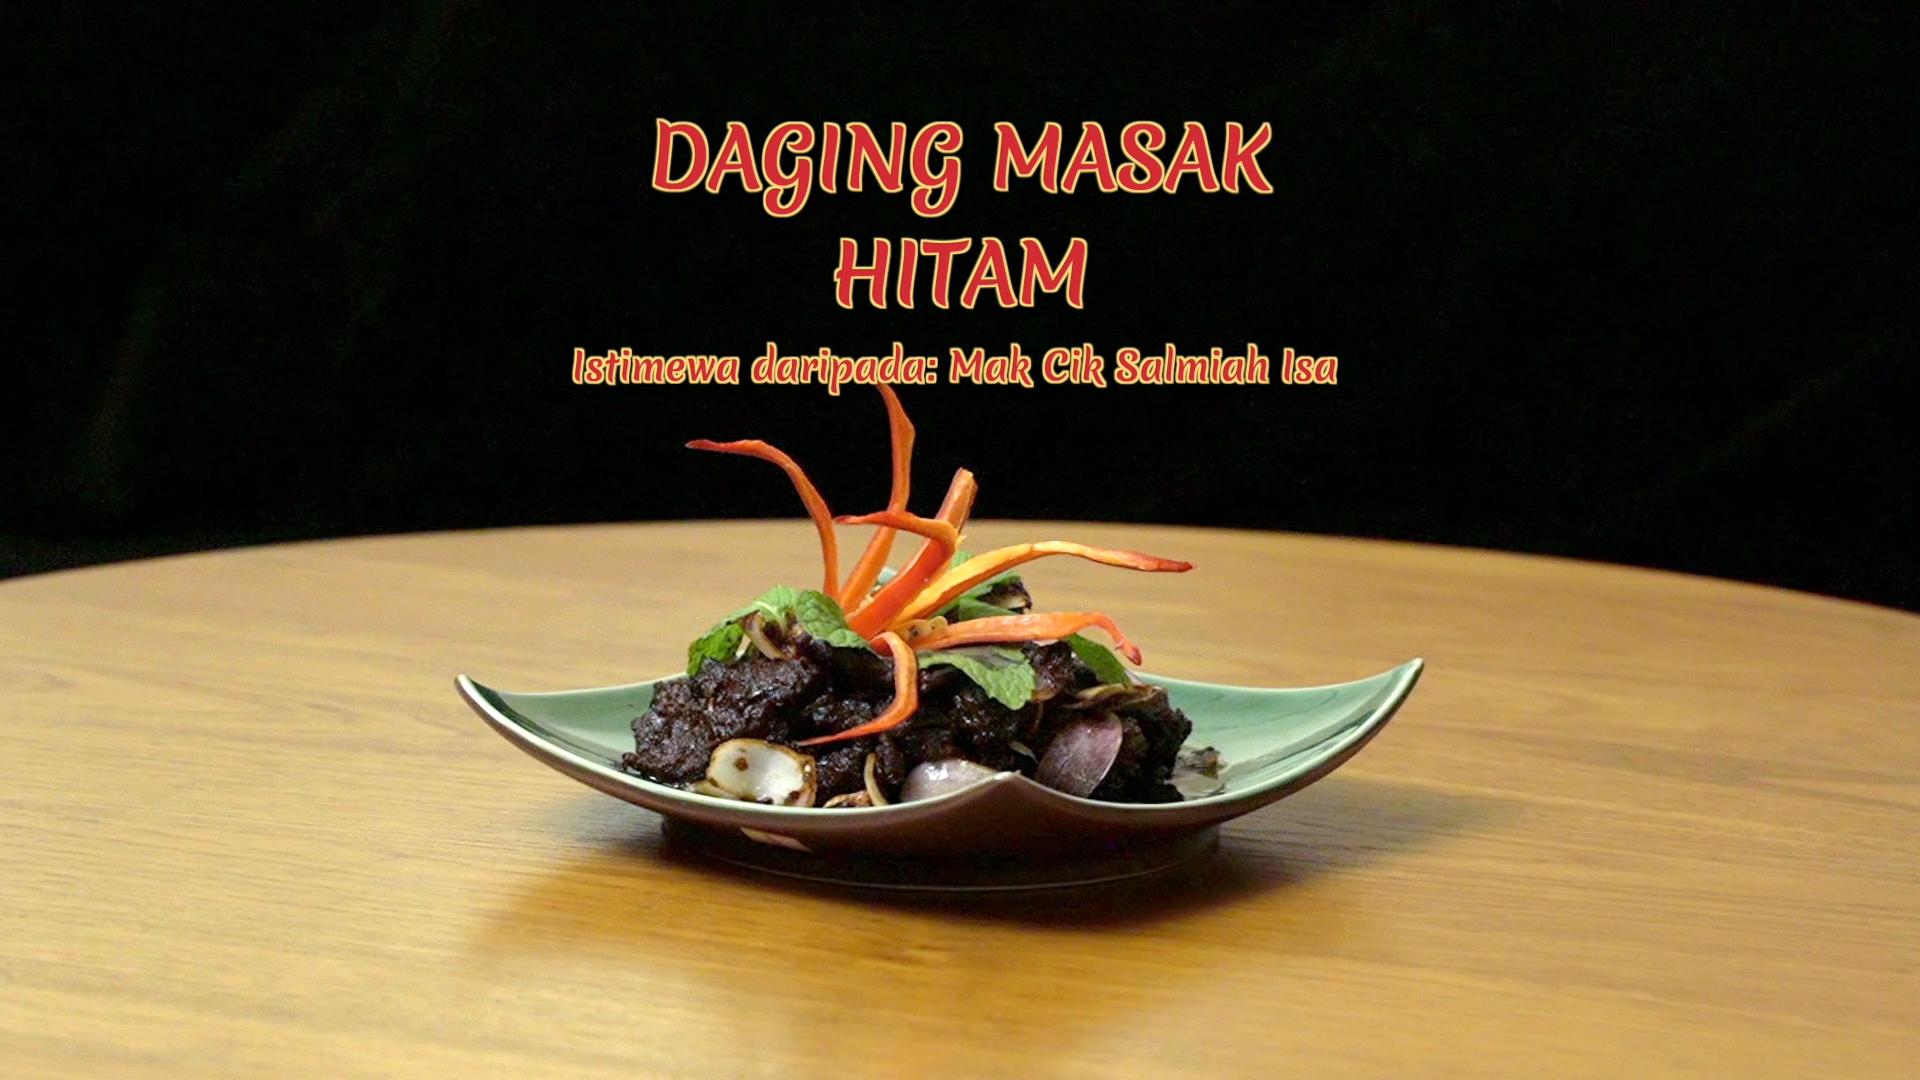 Daging-Masak-Hitam